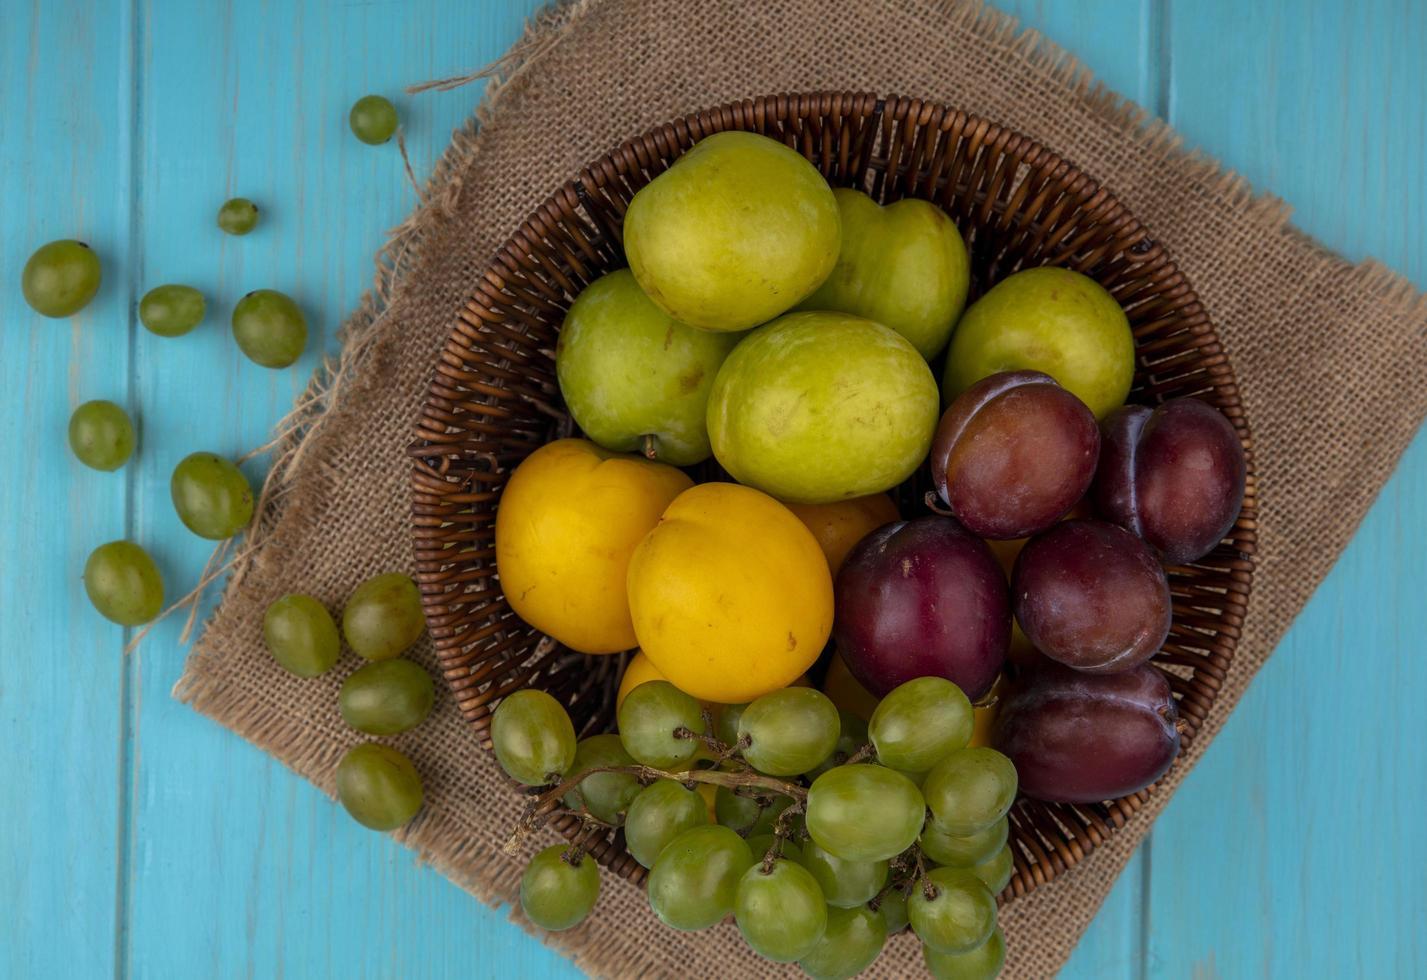 geassorteerde fruit in een mand op blauwe achtergrond foto